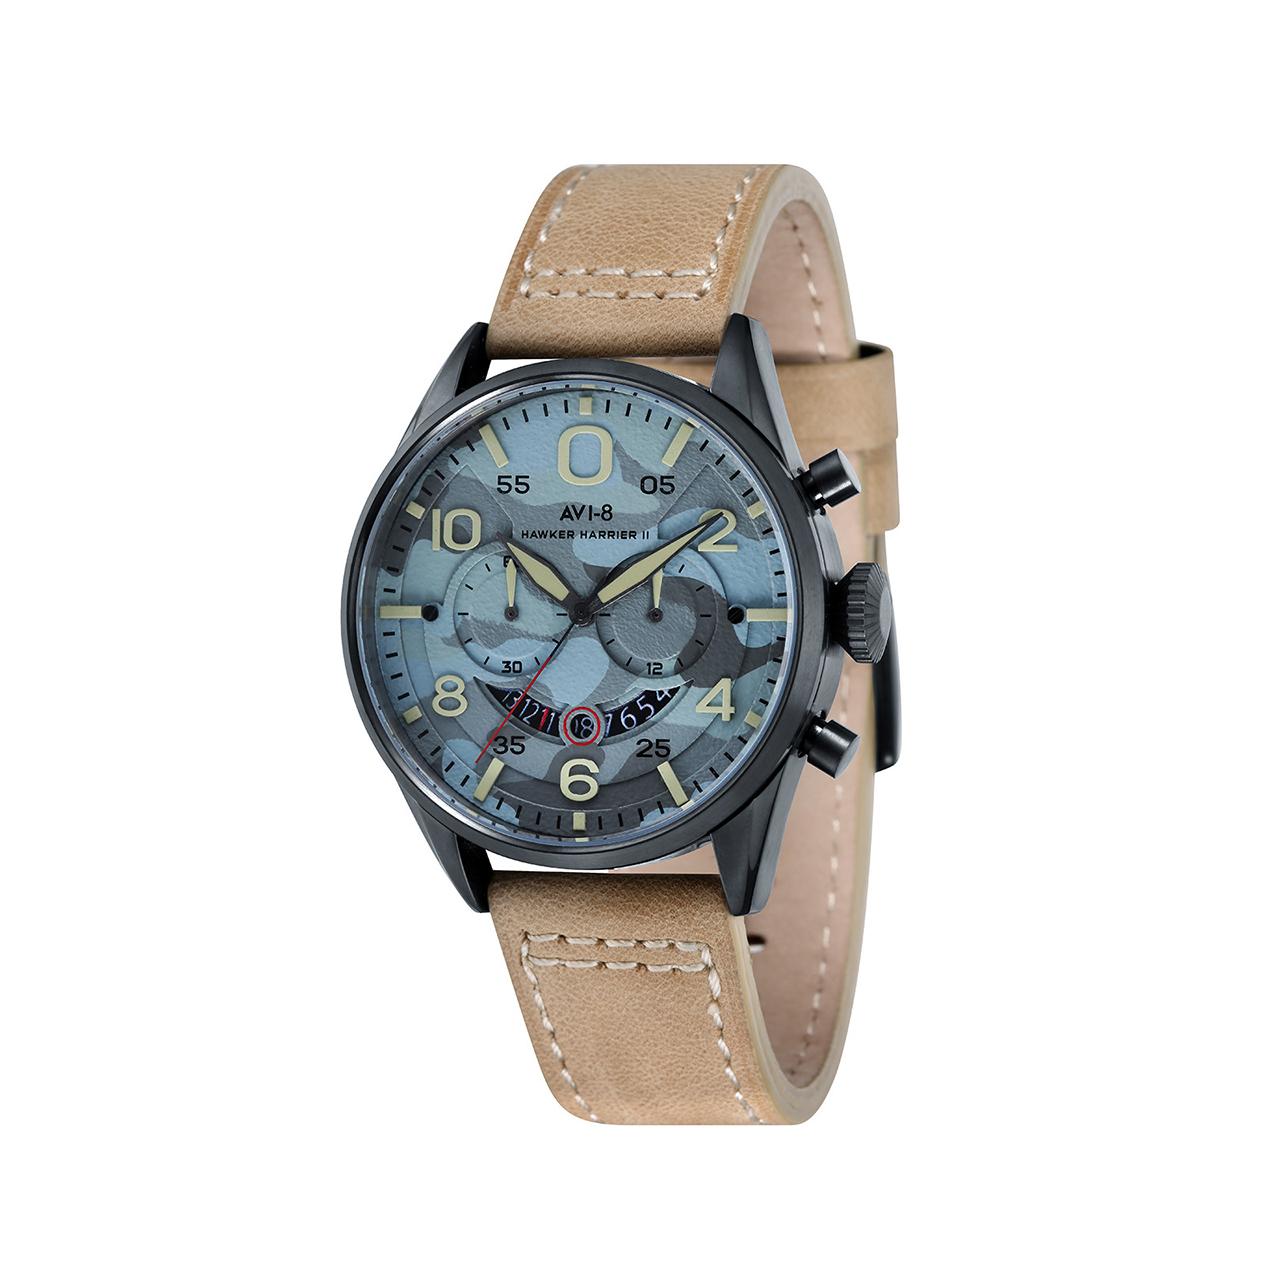 ساعت مچی عقربه ای مردانه ای وی-8 مدل AV-4031-09 52